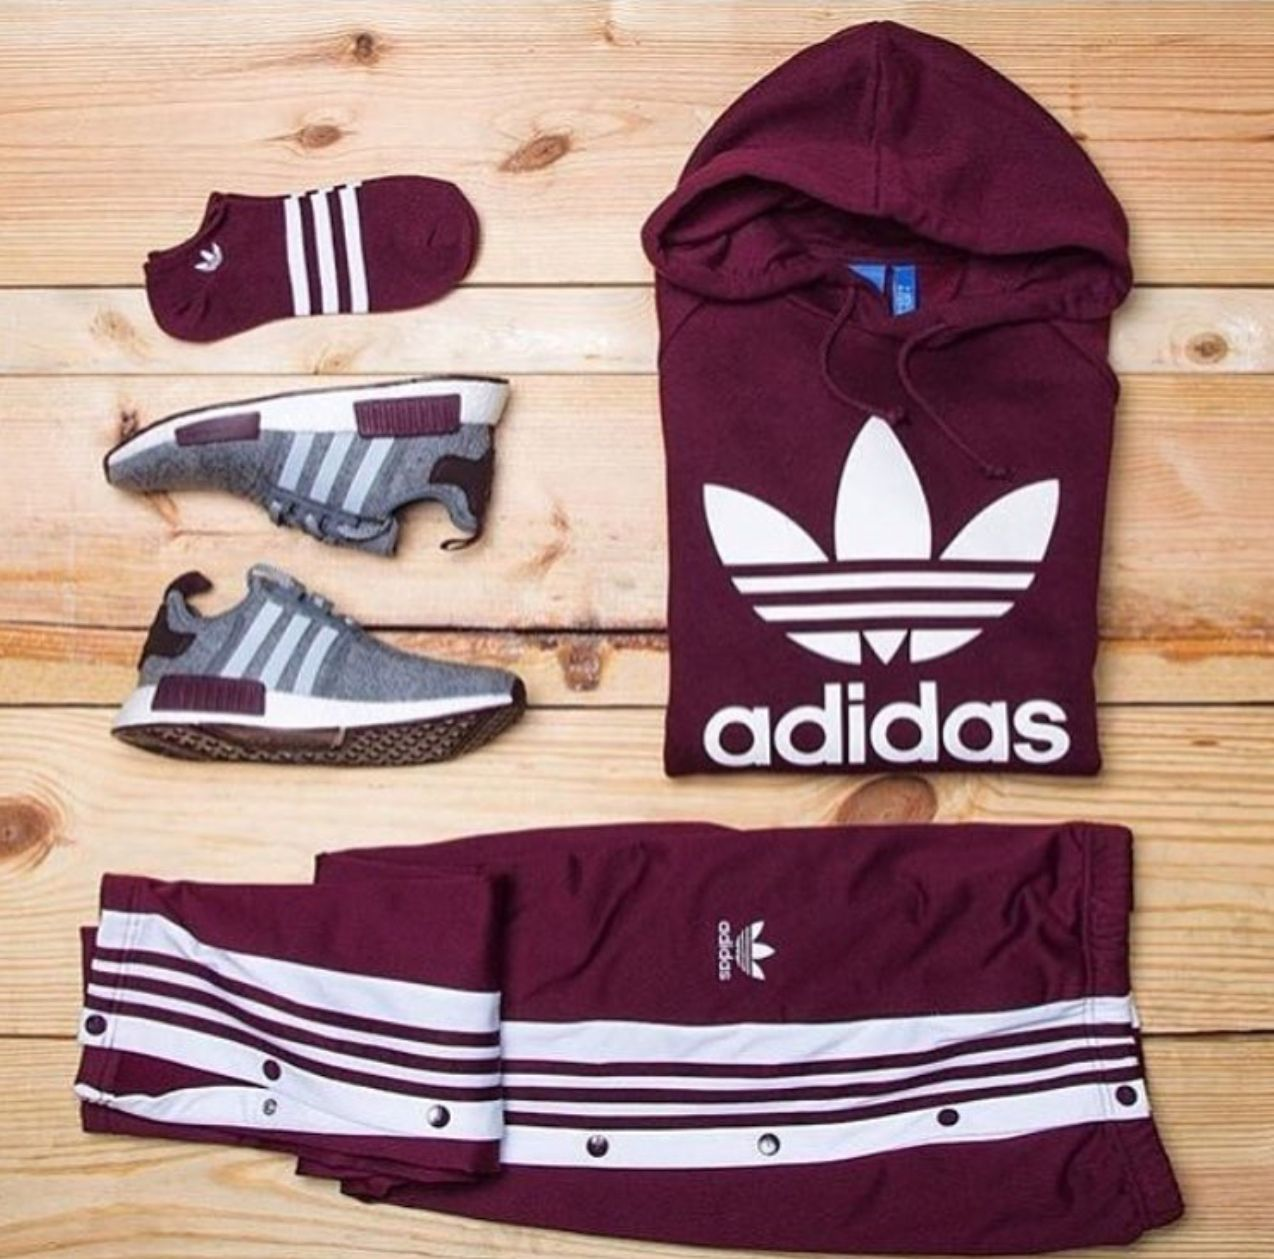 c74e9c461be71 GX504598 BRANCO Camiseta Masculina Adidas Originals Blkbrd HOMEM Roupas  mais barato 脿 venda adidas roupas masculinas baratas